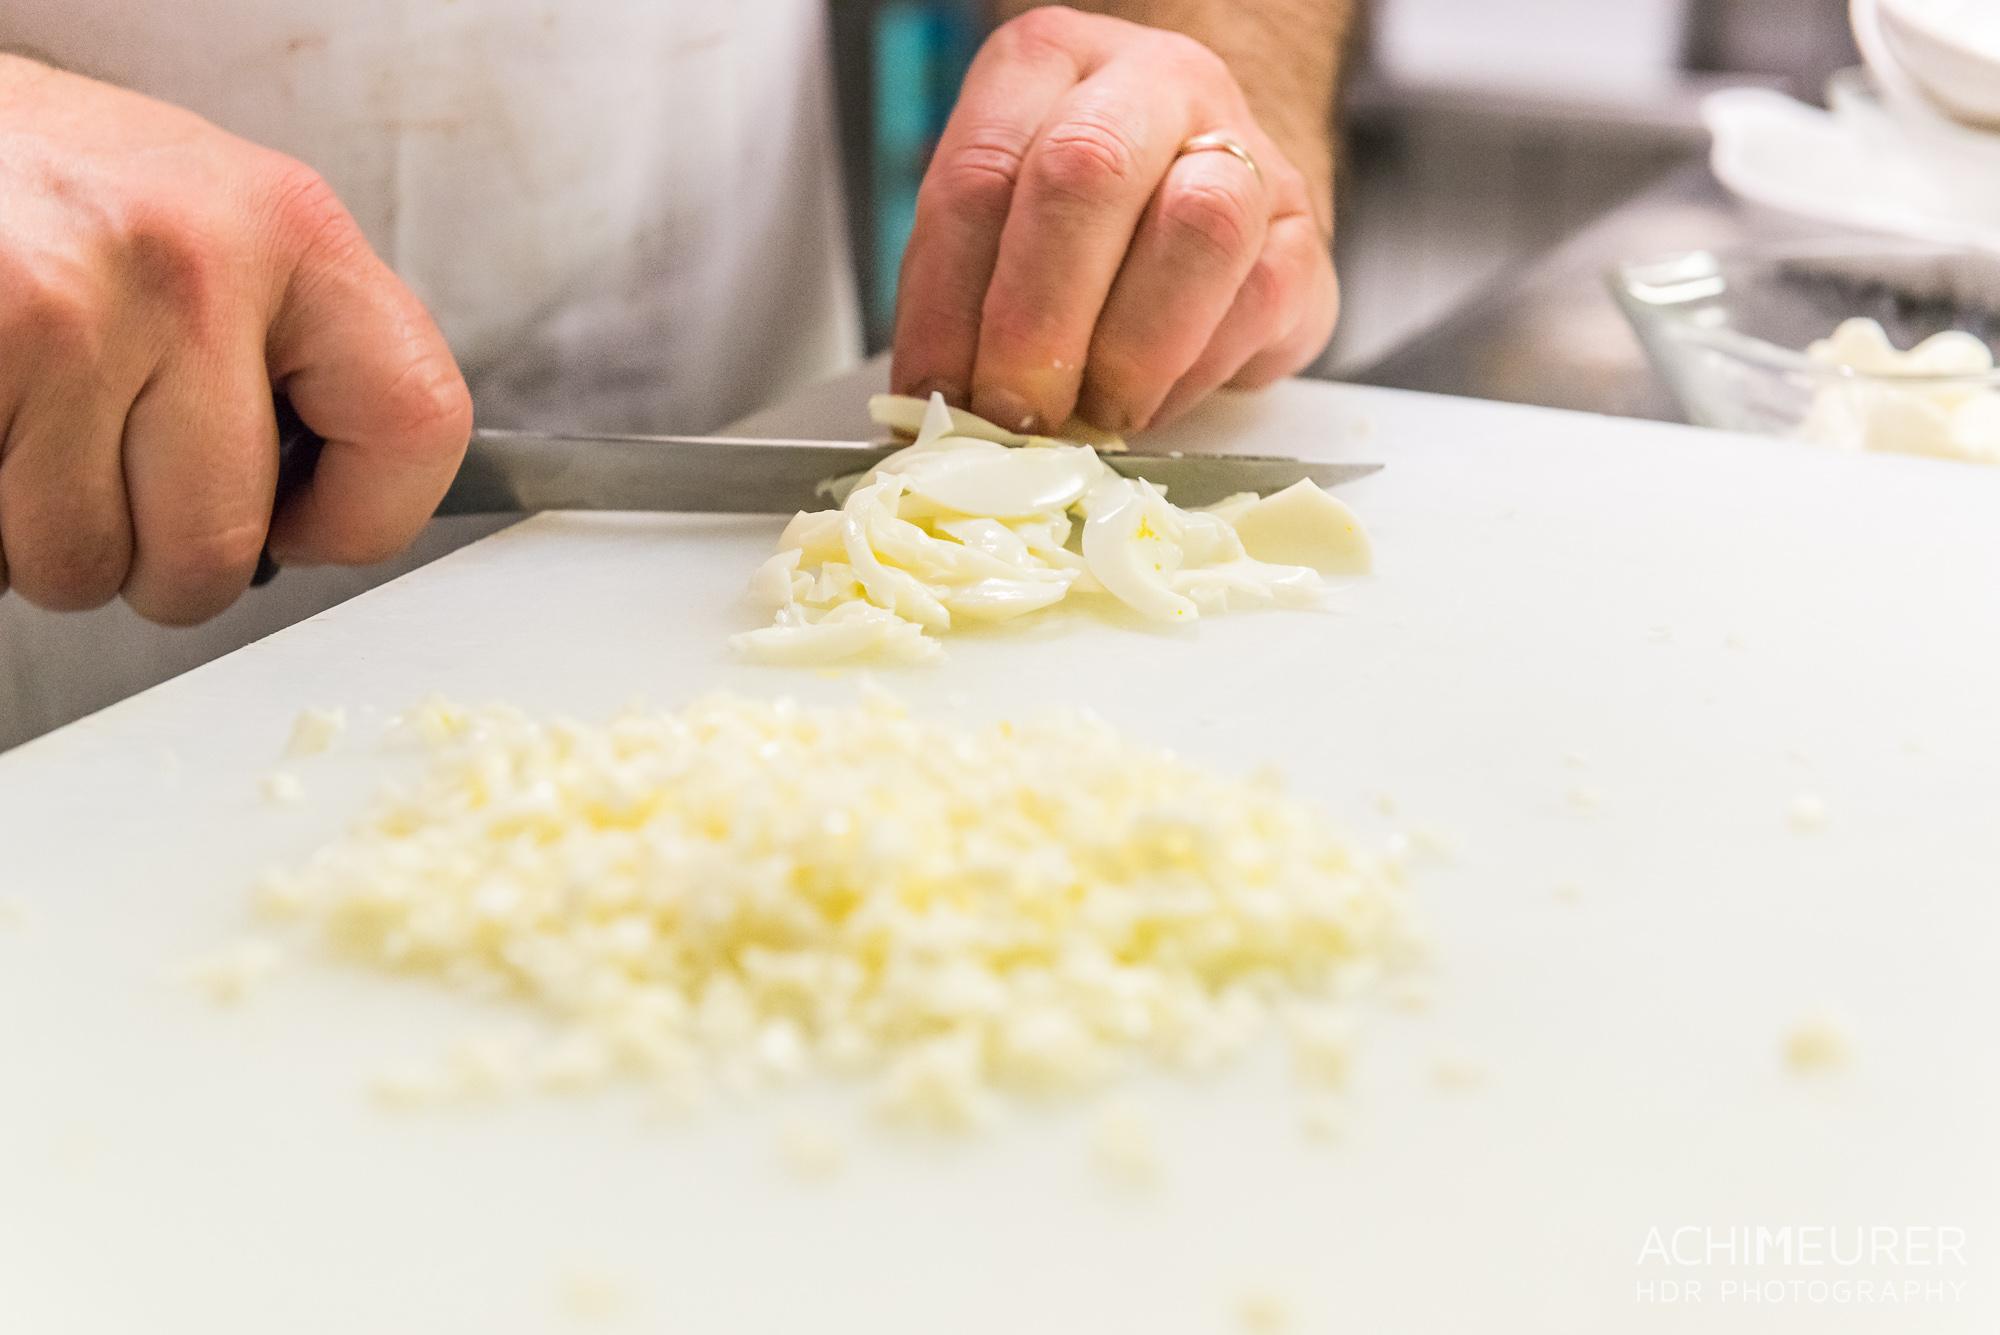 Suedtirol-Sueden-Bozen-Voegele-Kulinarik-Food-Essen-Kueche-Bozener-Sauce-Schinken-Fleckerln_1096